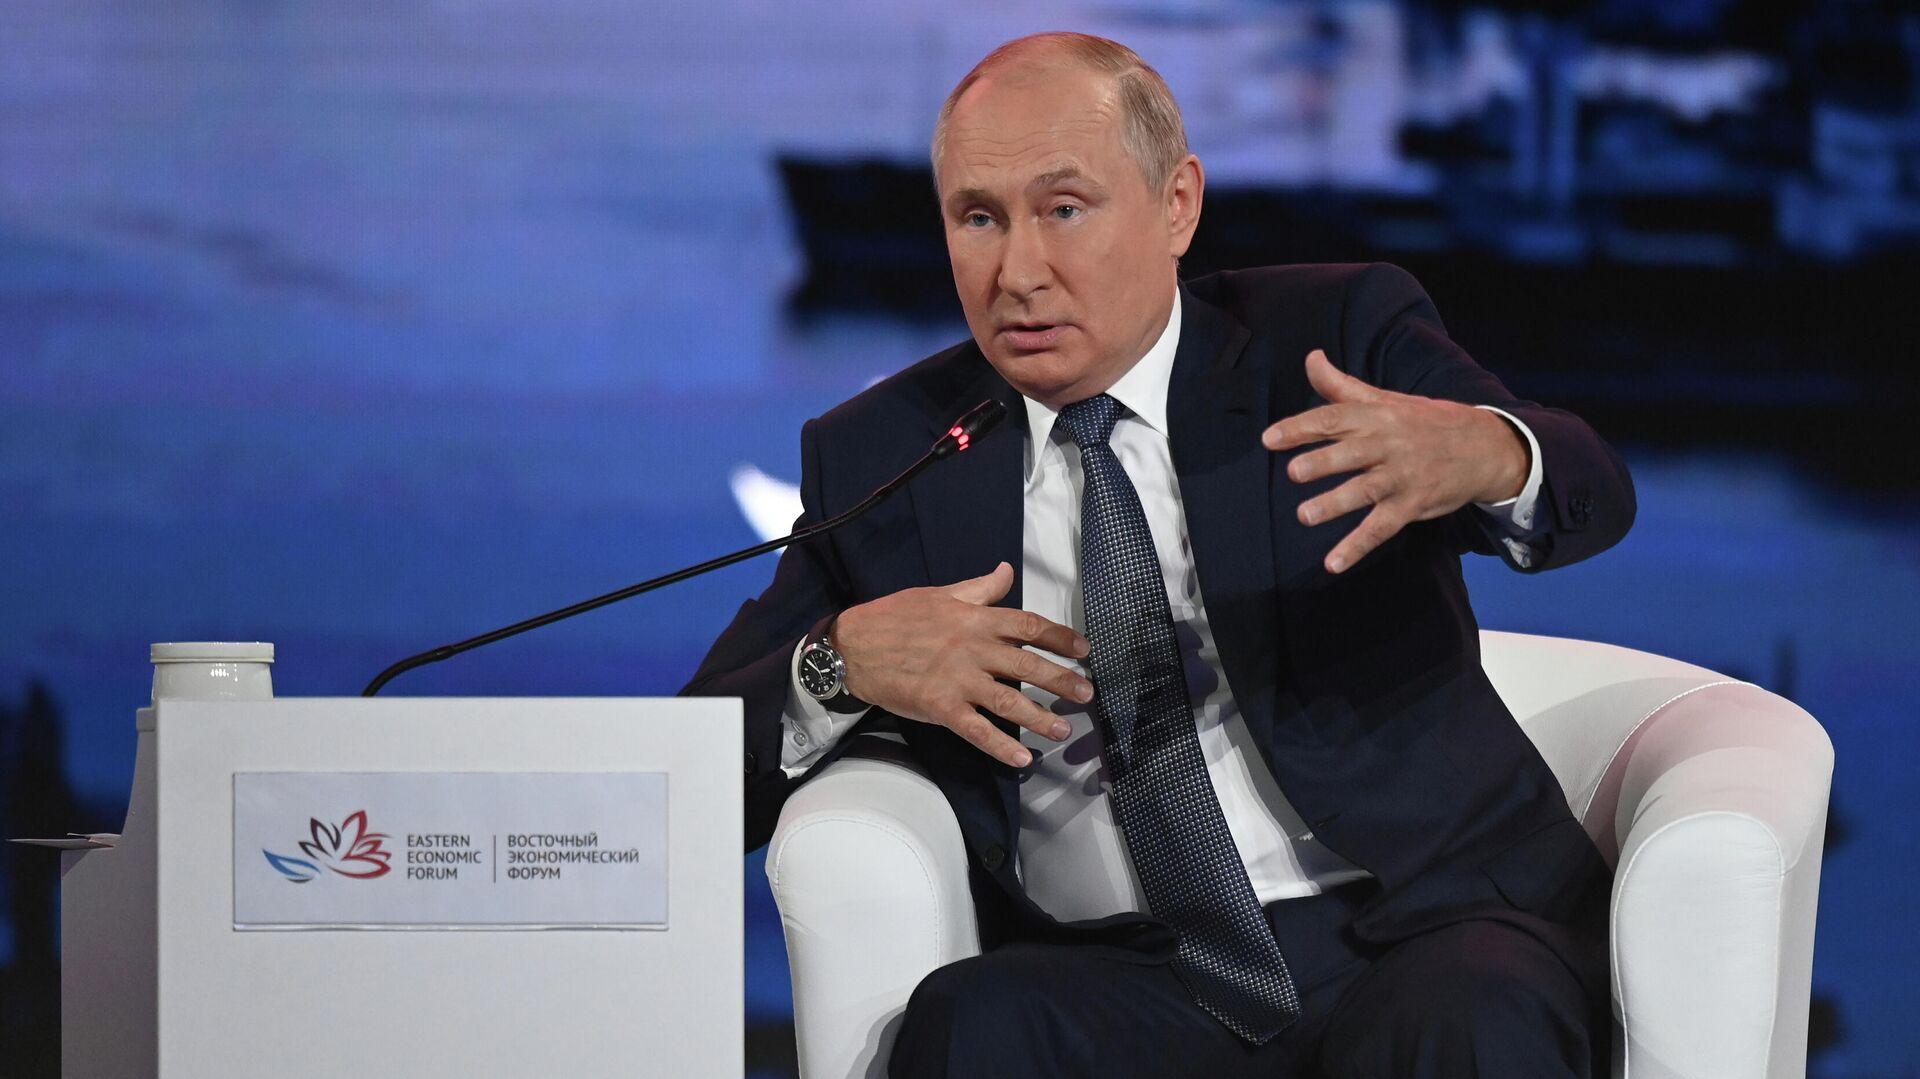 Президент РФ В. Путин принял участие в работе Восточного экономического форума - Sputnik საქართველო, 1920, 14.10.2021